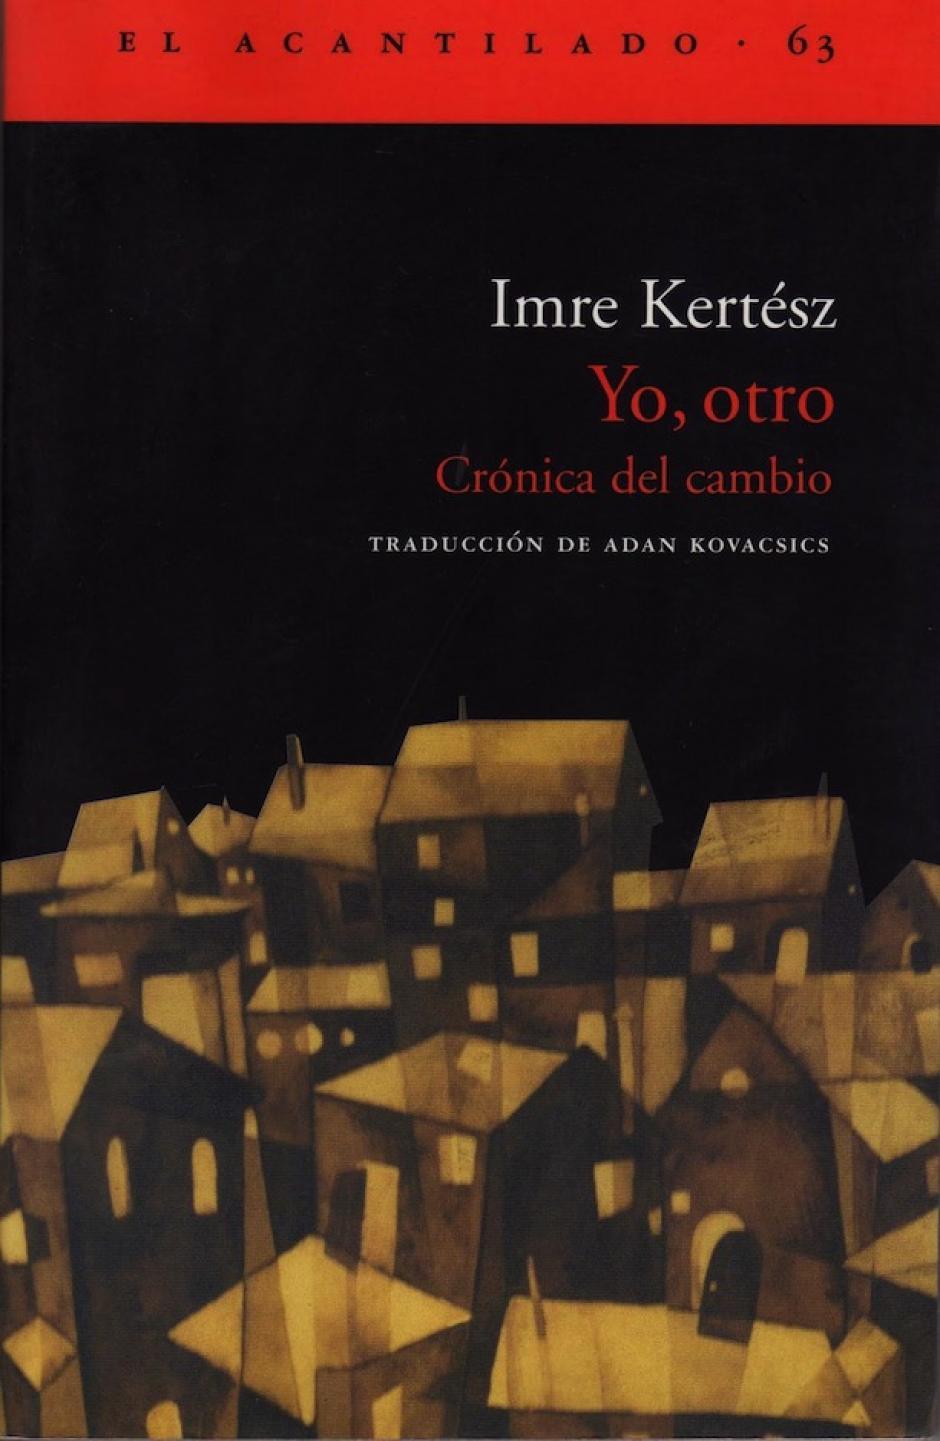 Imre ganó el Premio Nobel de Literatura 2002. (Foto: literaliamexicolibro)